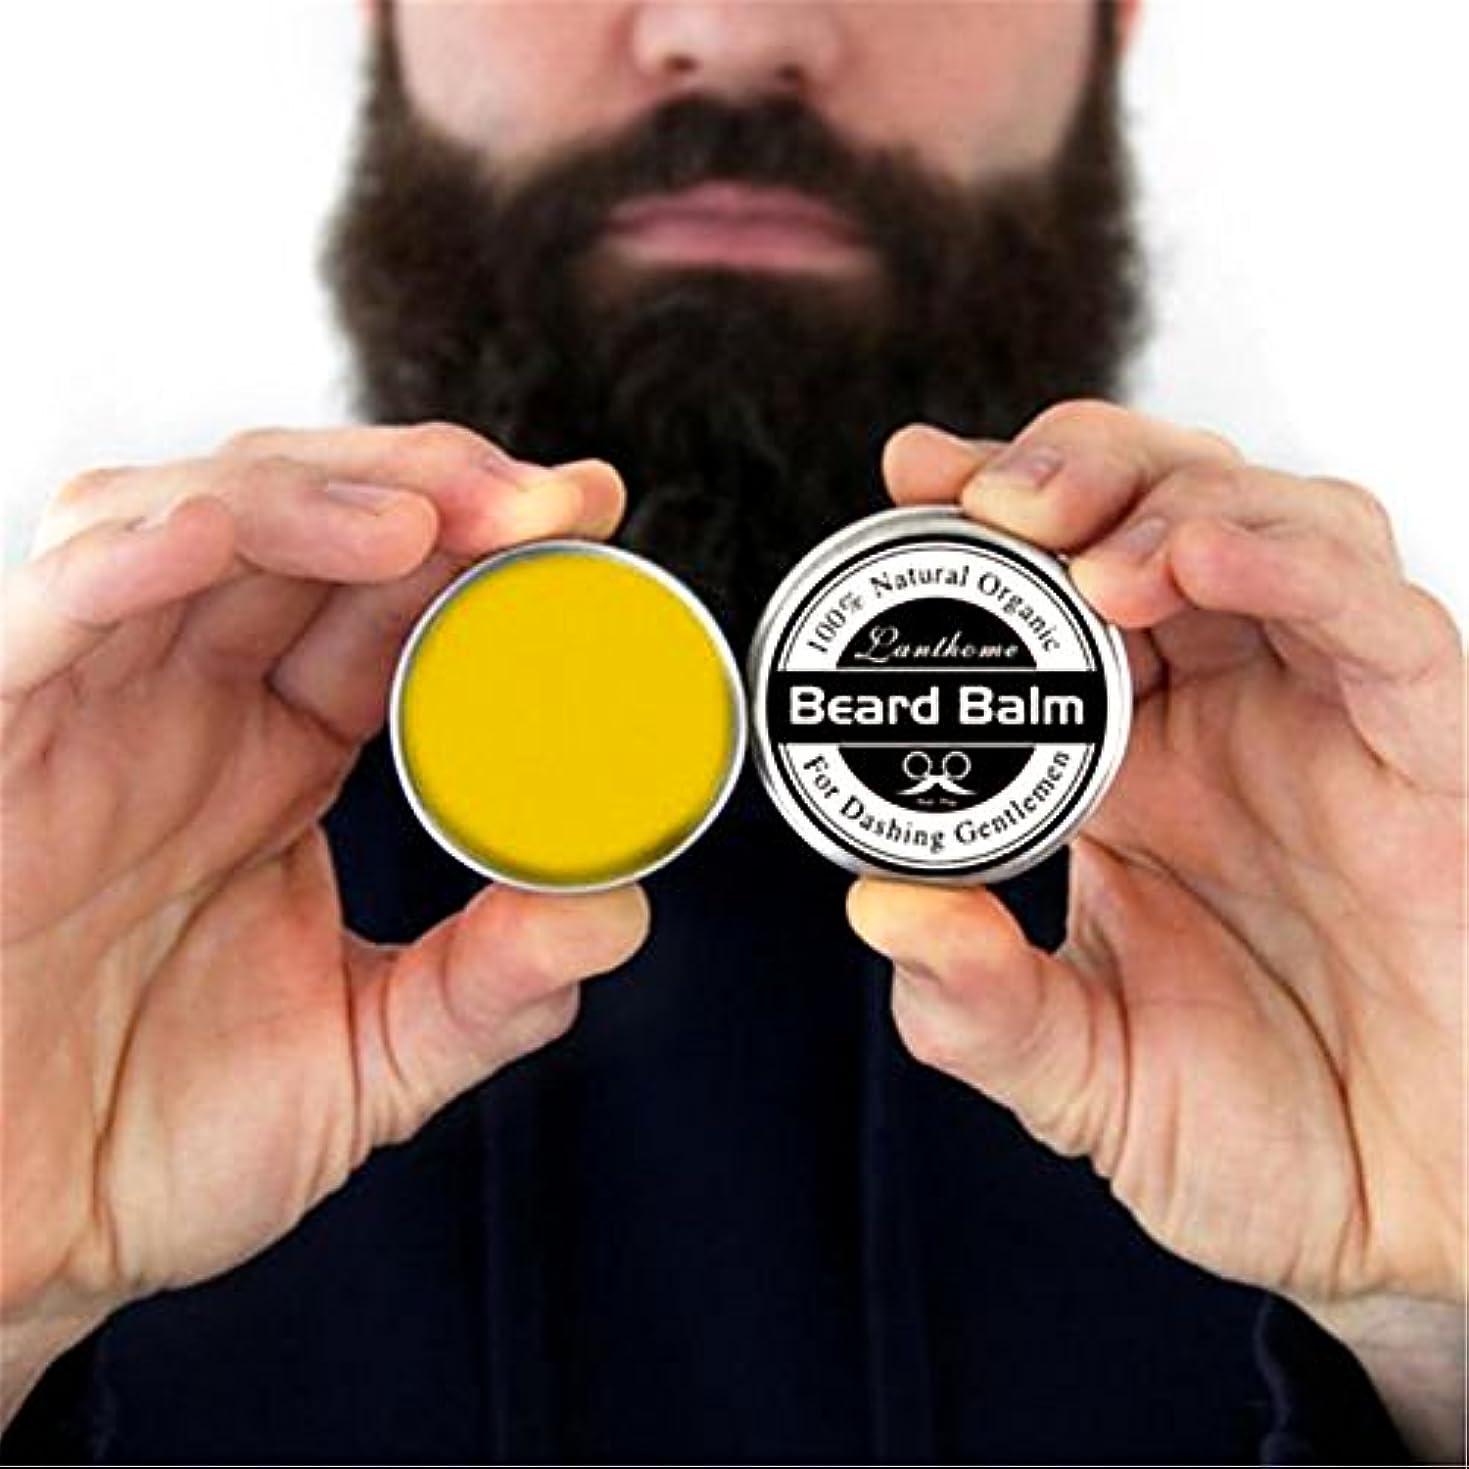 無限大傀儡失われたRuier-tong ビアードバーム メンズひげワックス 口髭用ワックス ひげクリーム 保湿/滋養/ひげ根のケアなどの効果  ひげケア必需品 携帯便利